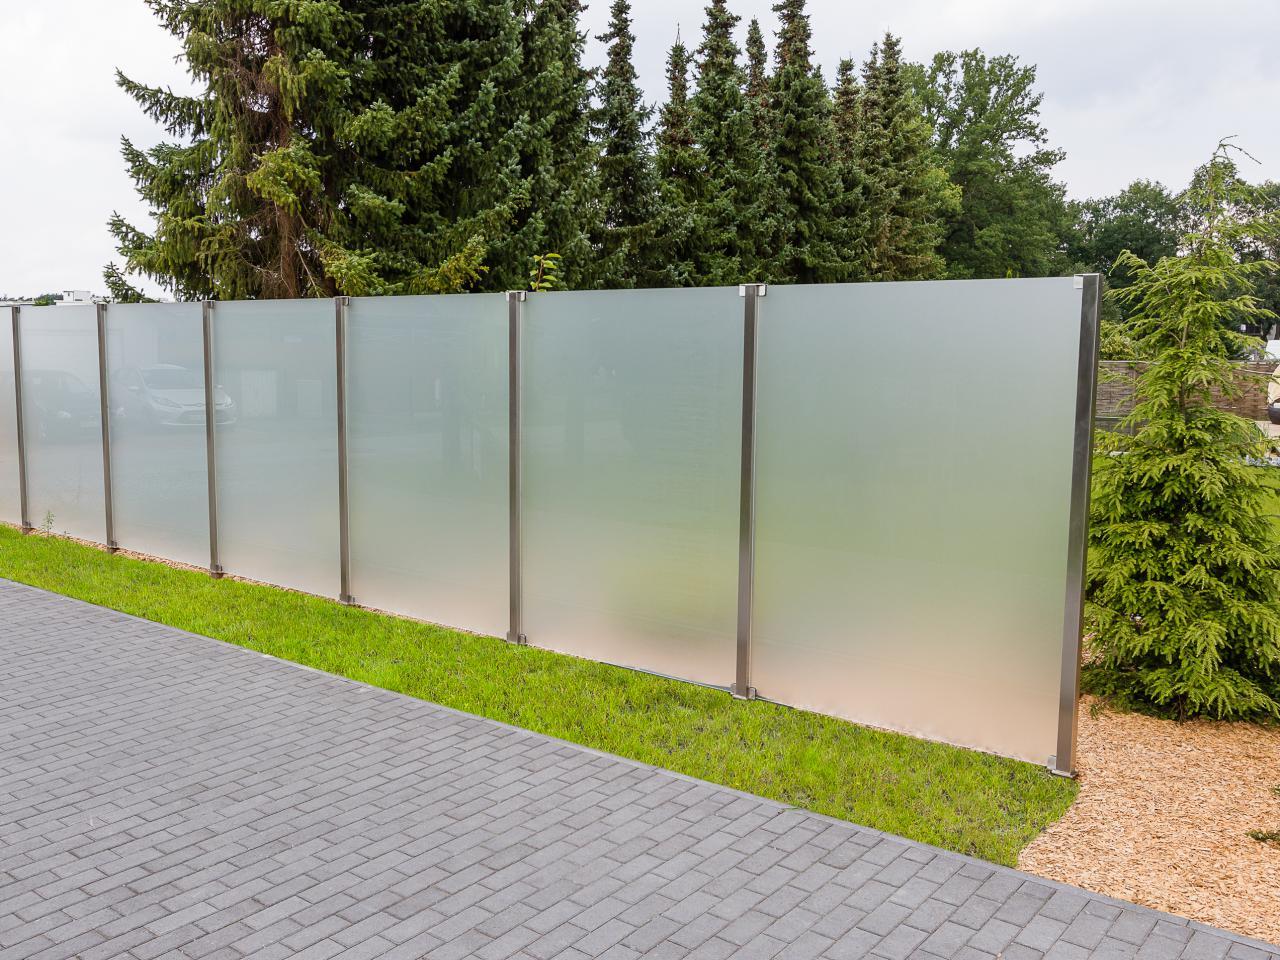 Gartenzaun sichtschutz for Sichtschutz fur gartenzaun